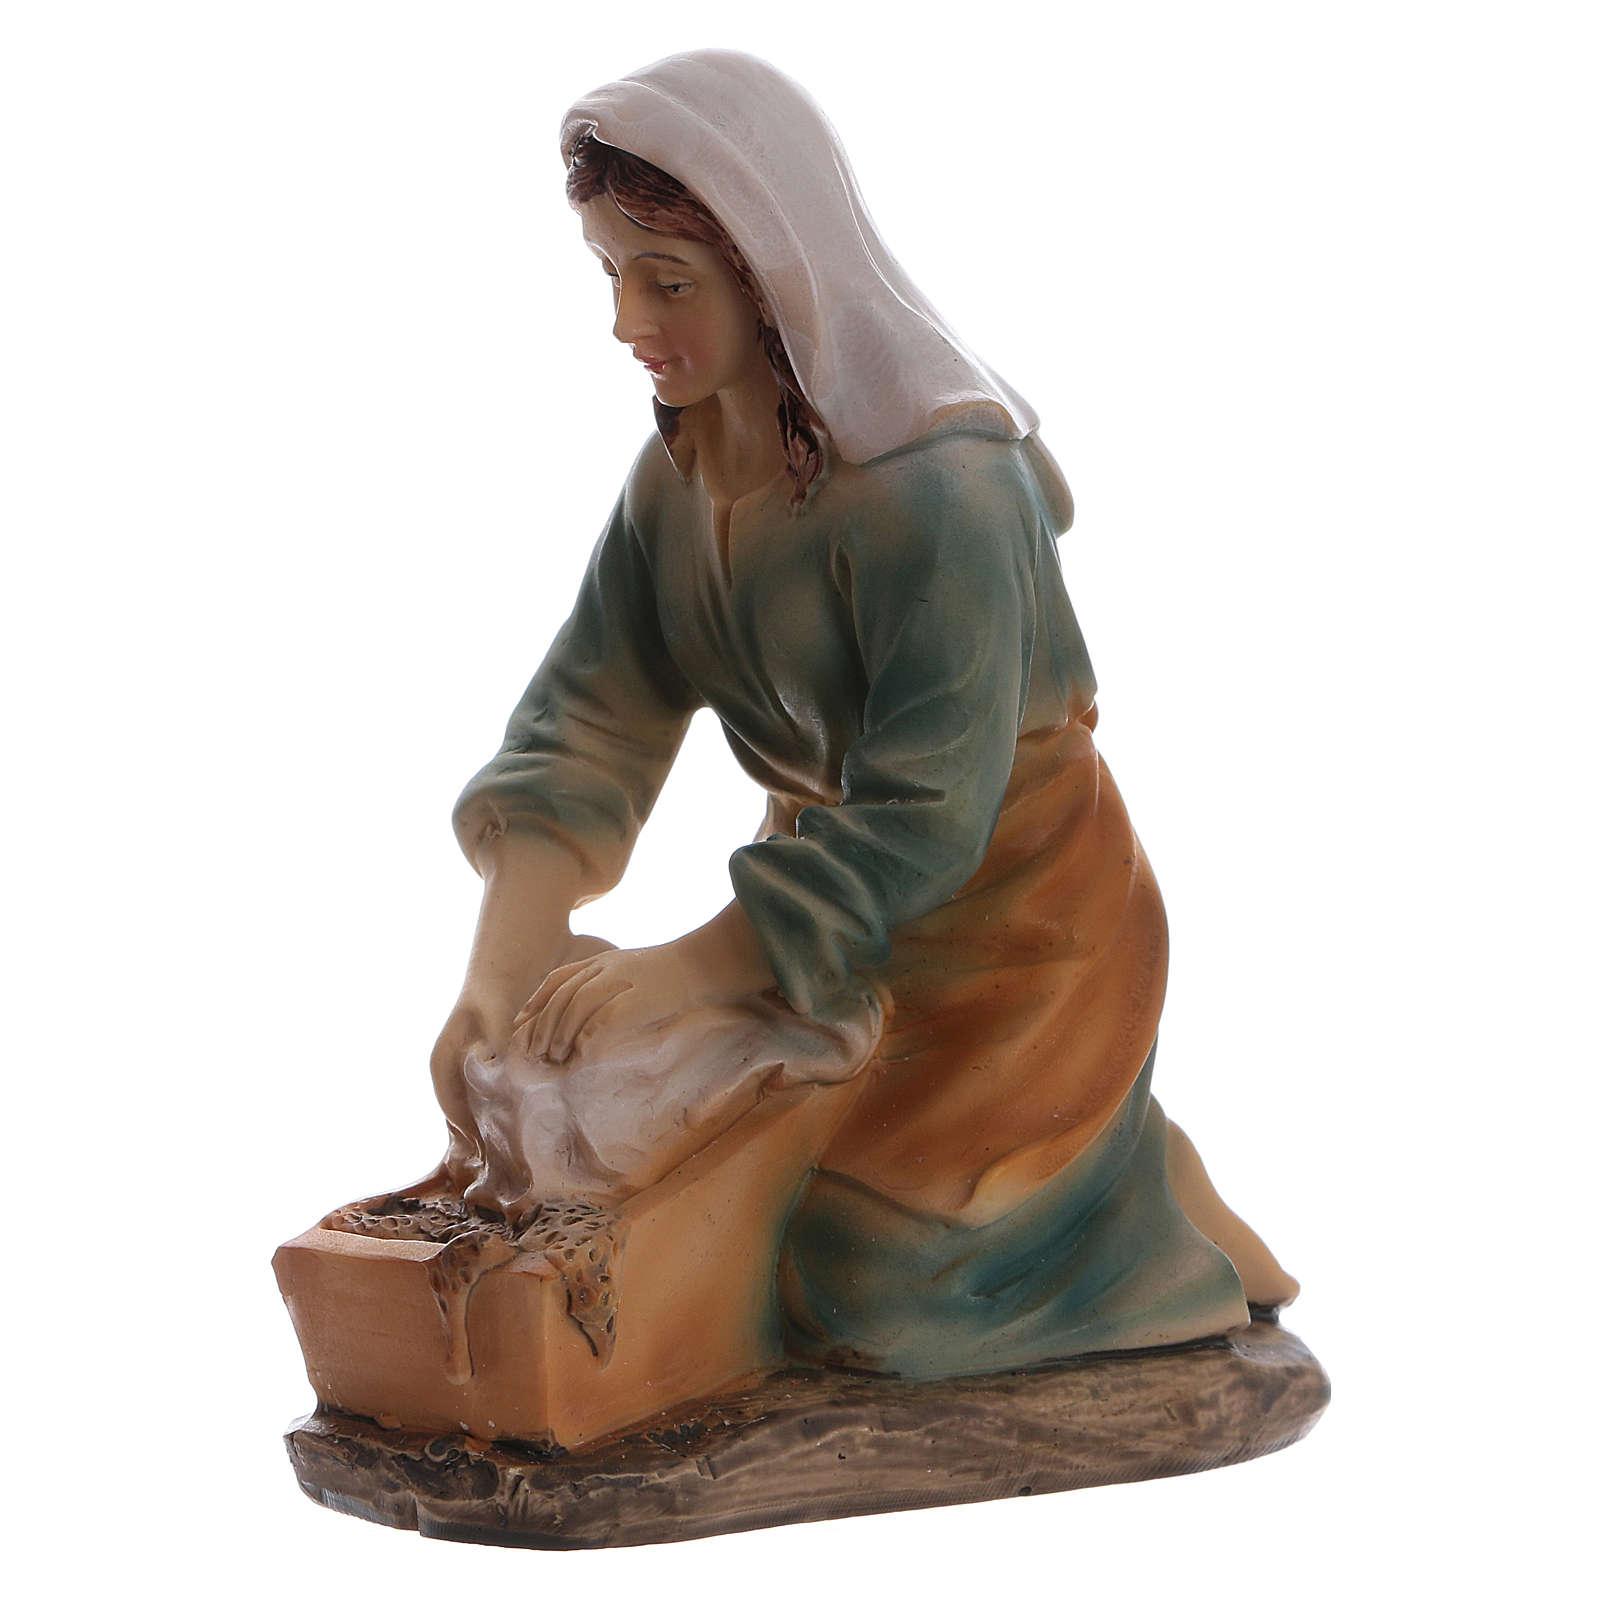 Laundress in resin for Nativity scene 15 cm children's line 3